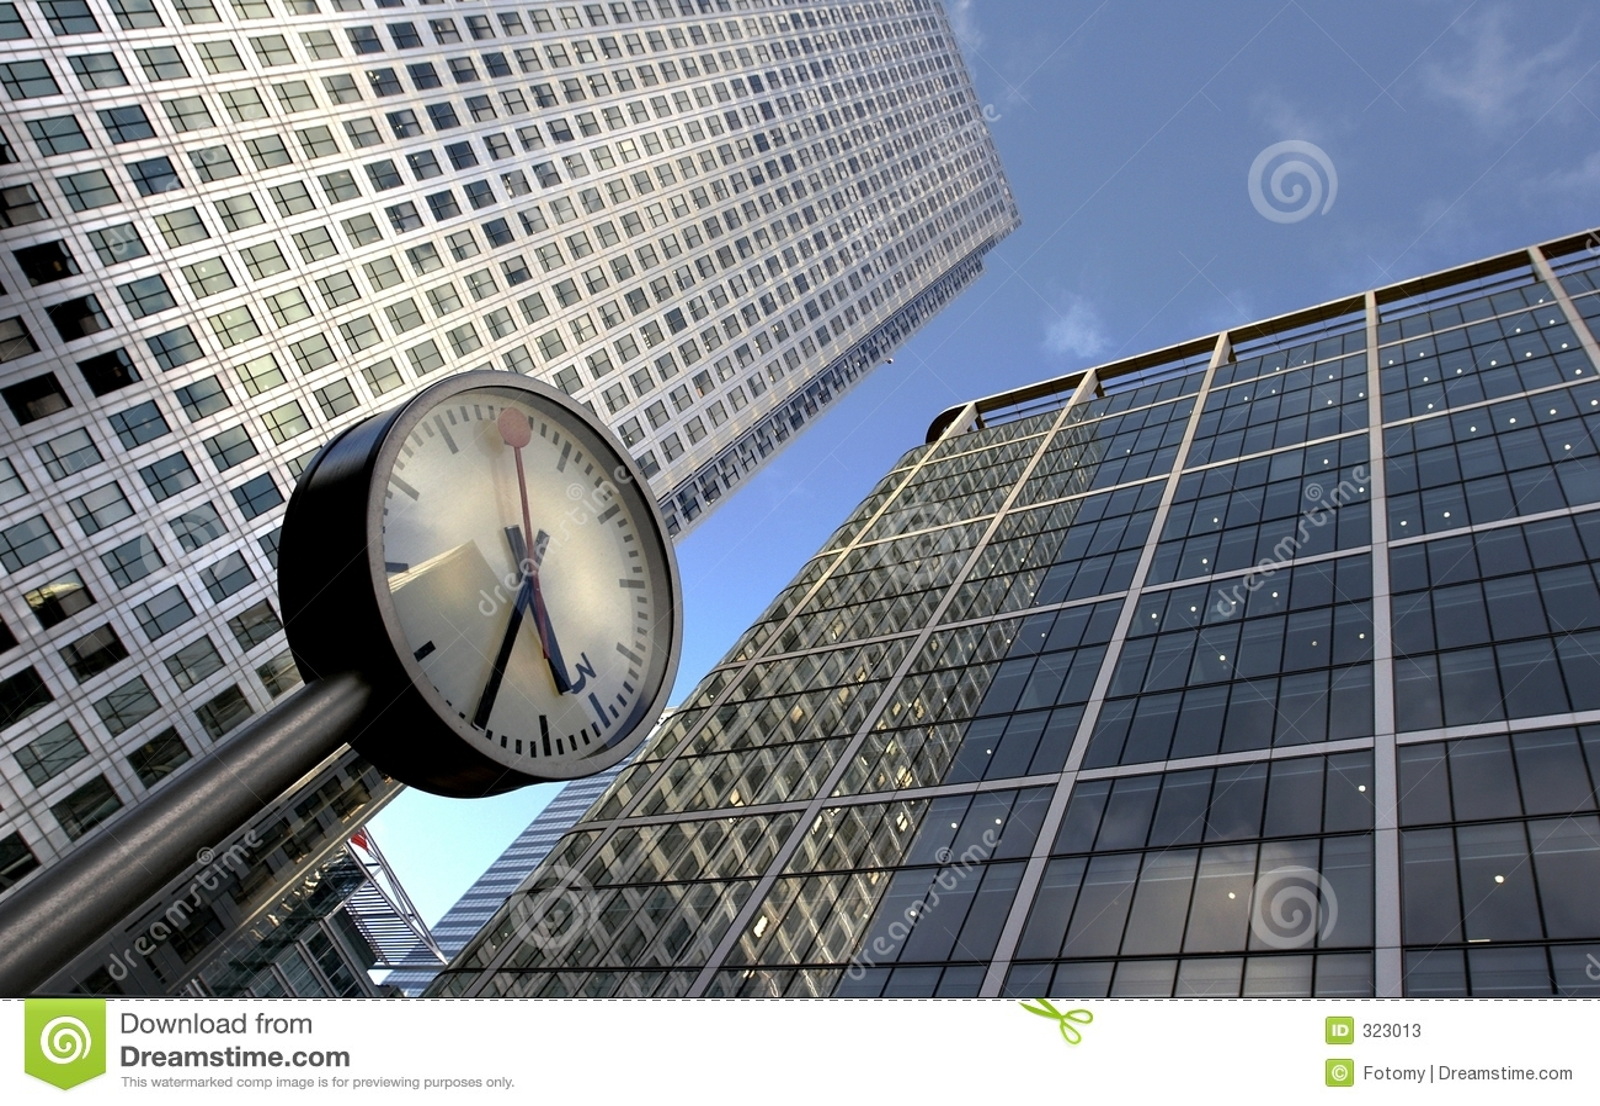 Reloj y edificios de oficinas